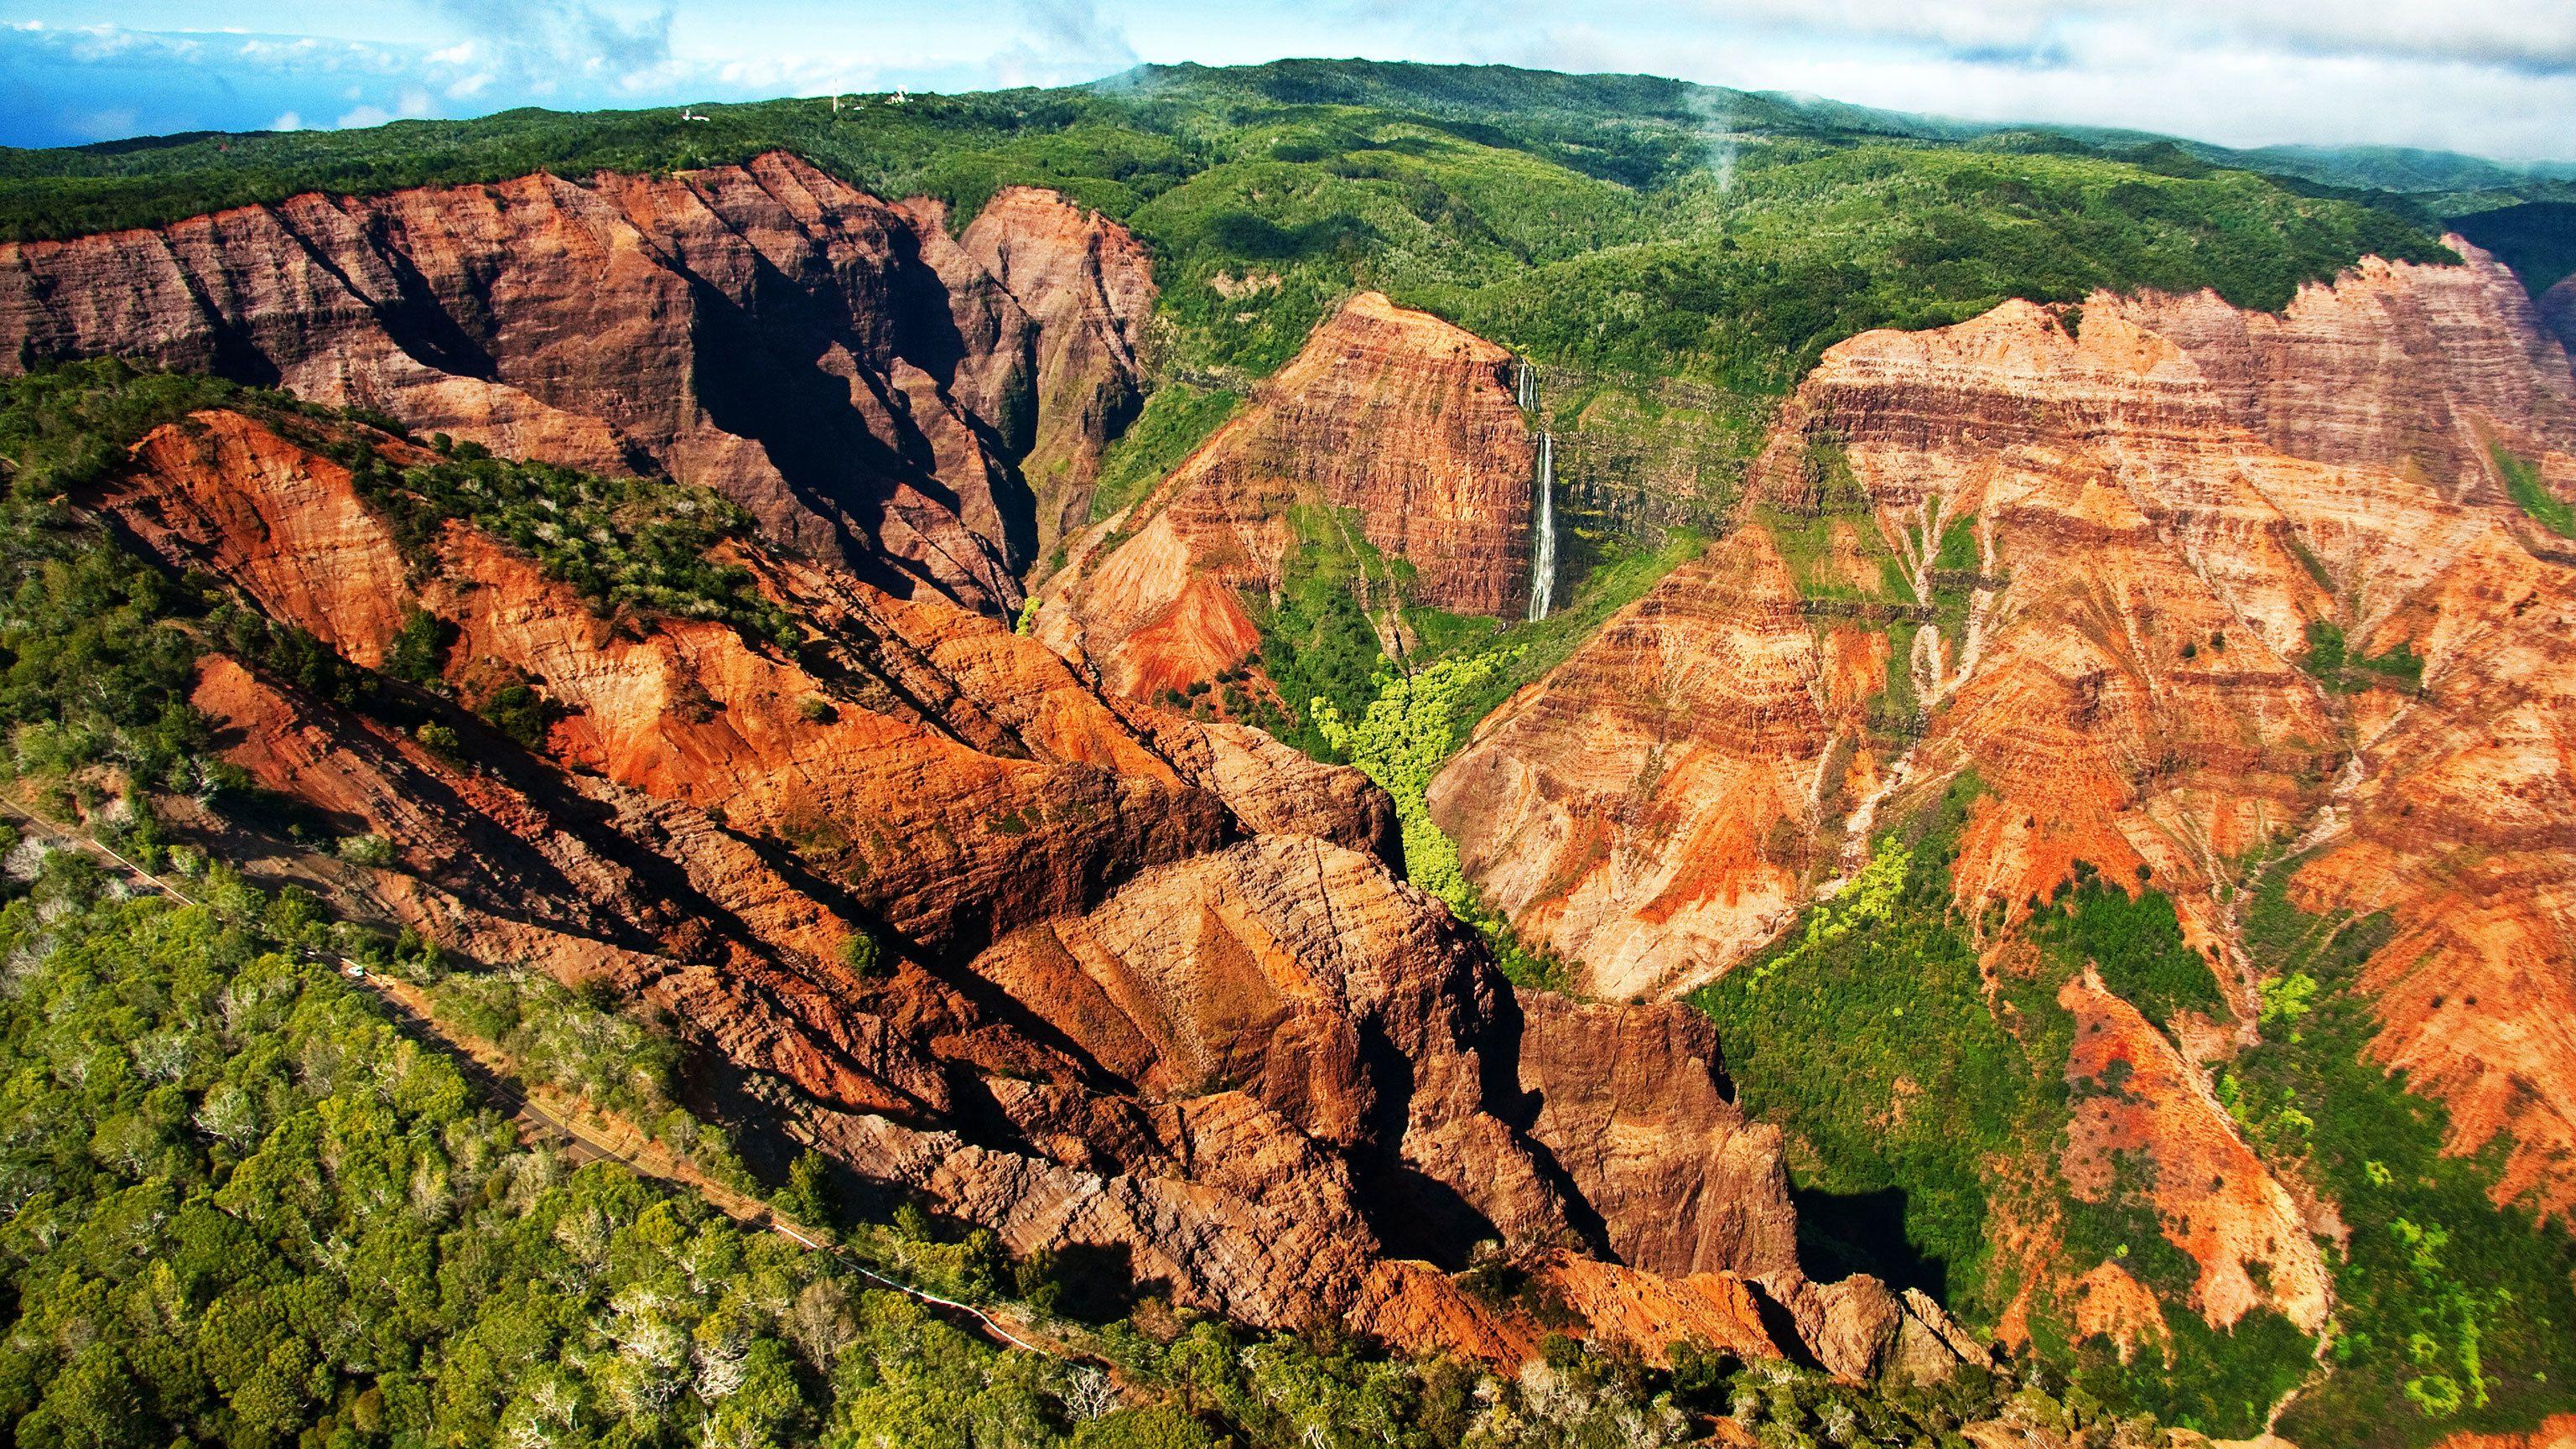 ariel view of Waimea Canyon in Kauai